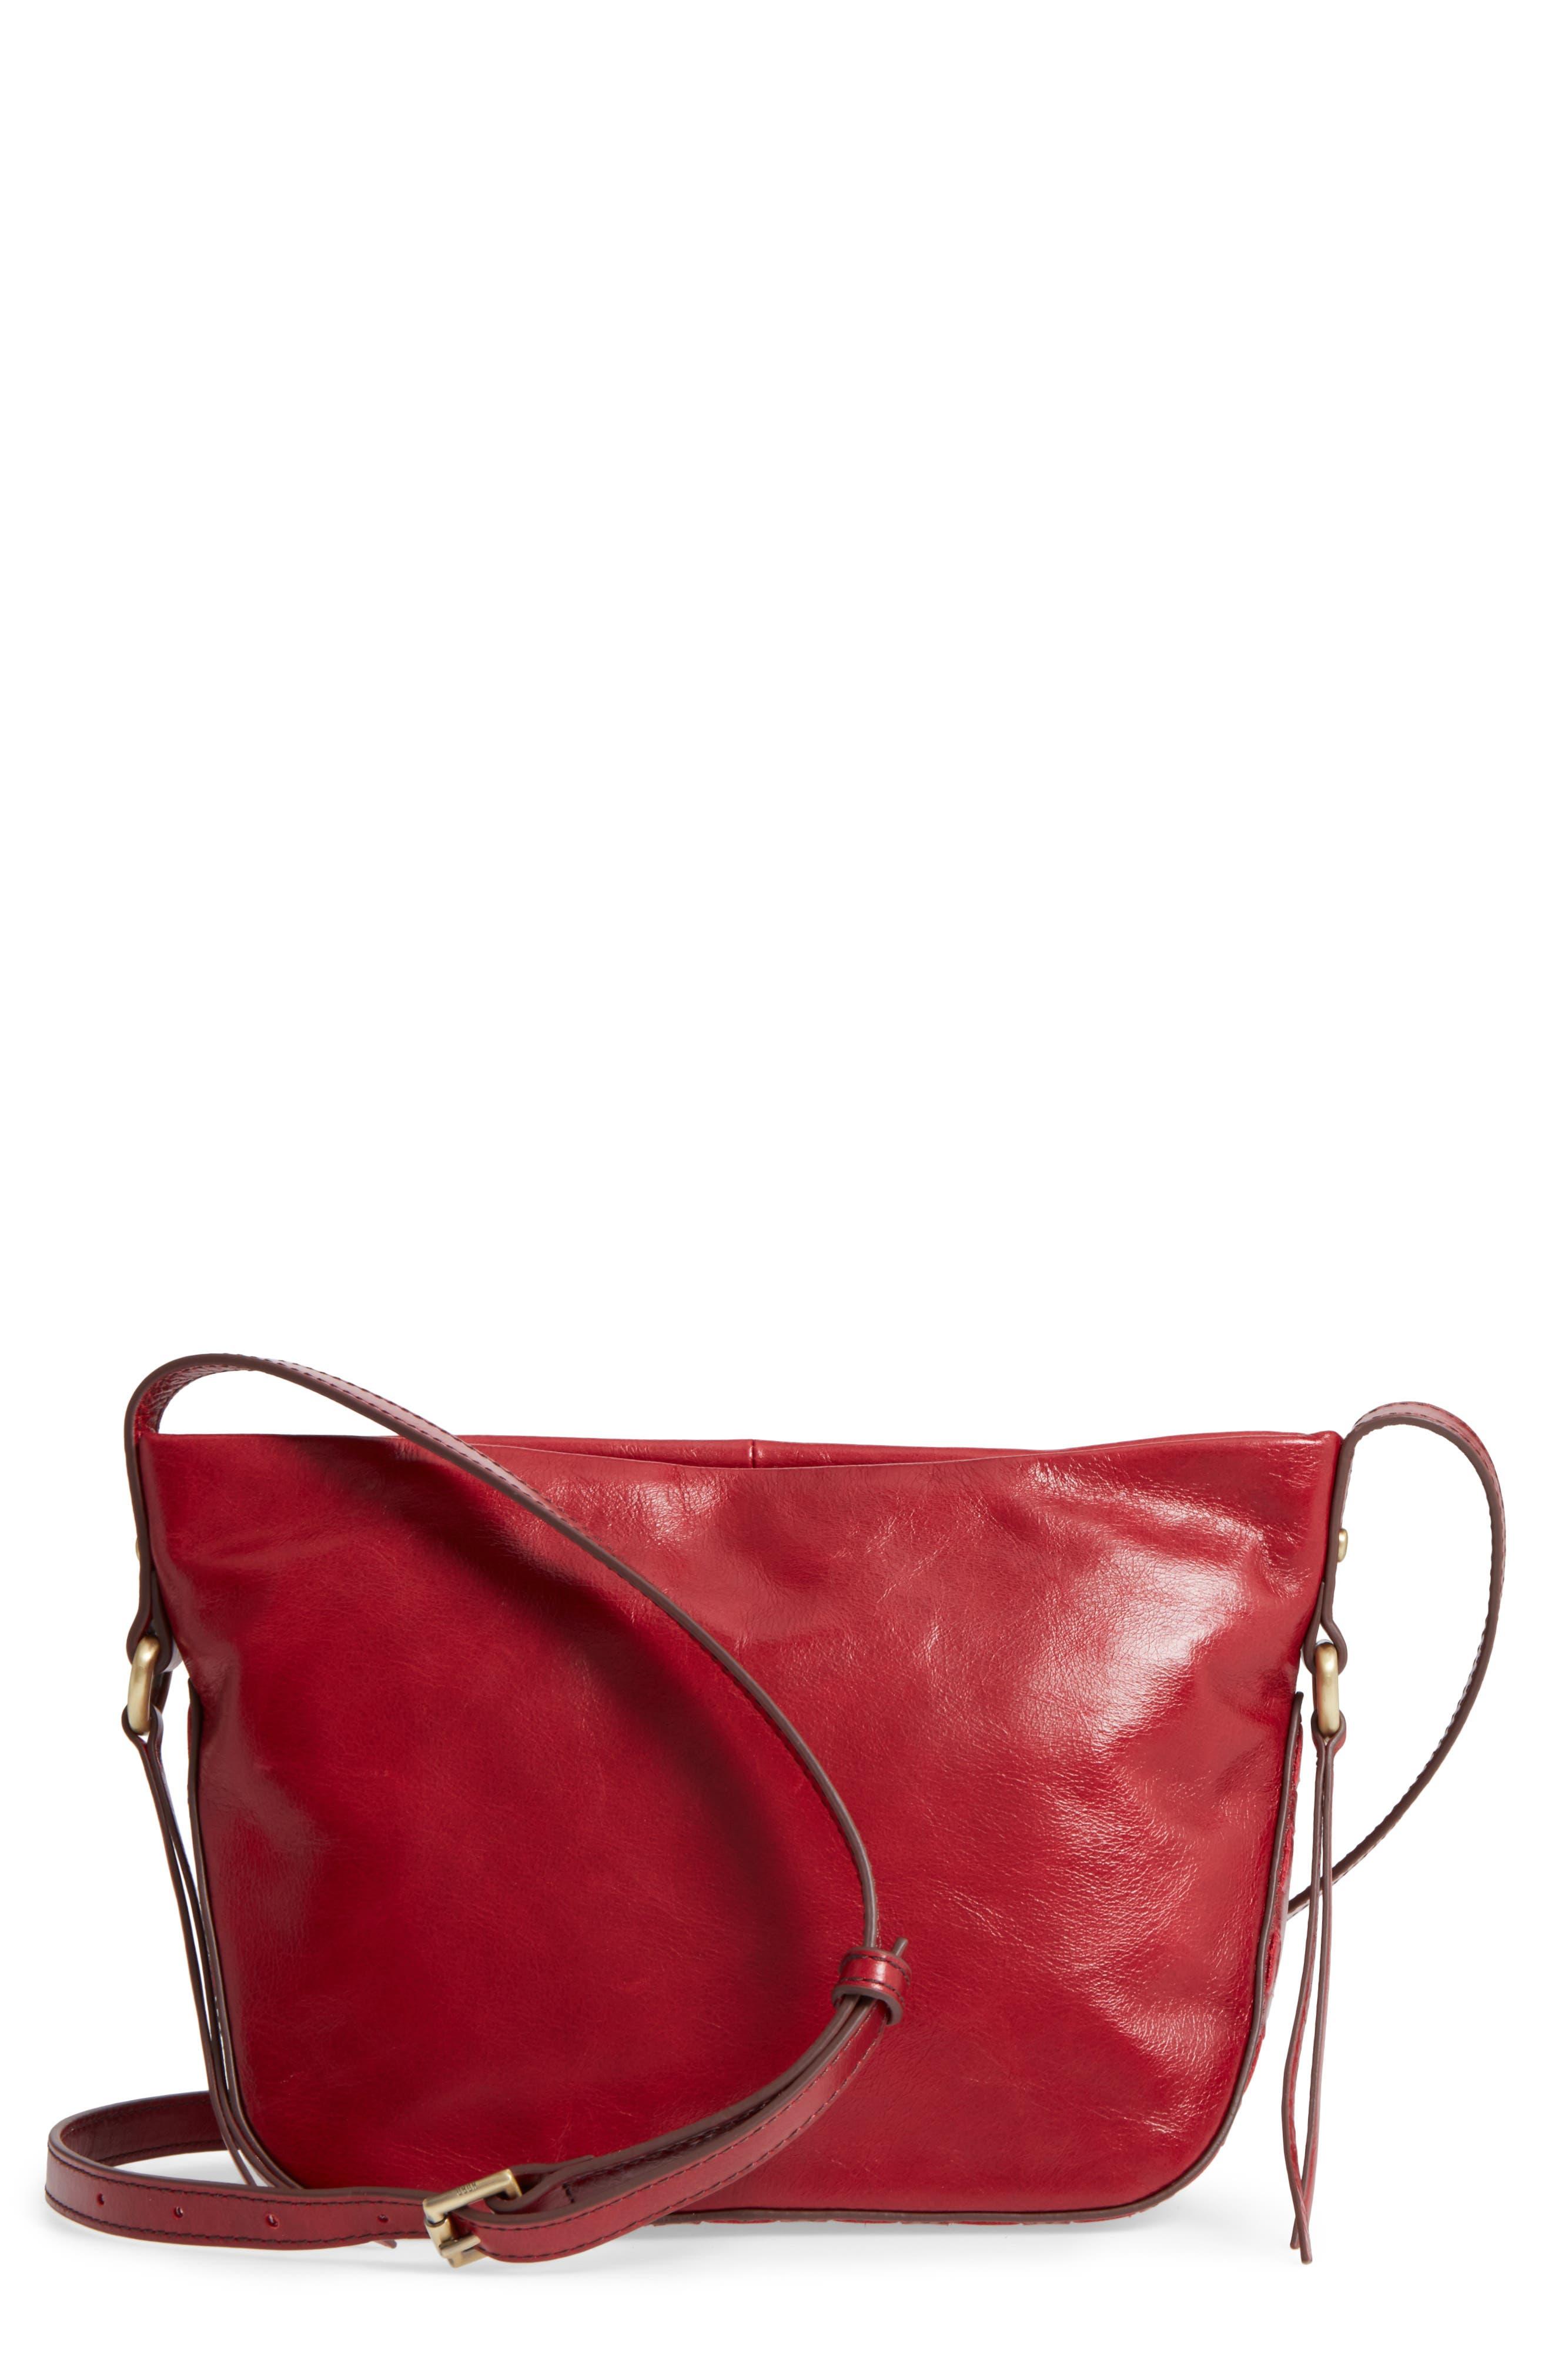 Muse Calfskin Leather Crossbody Bag,                             Main thumbnail 1, color,                             Cardinal